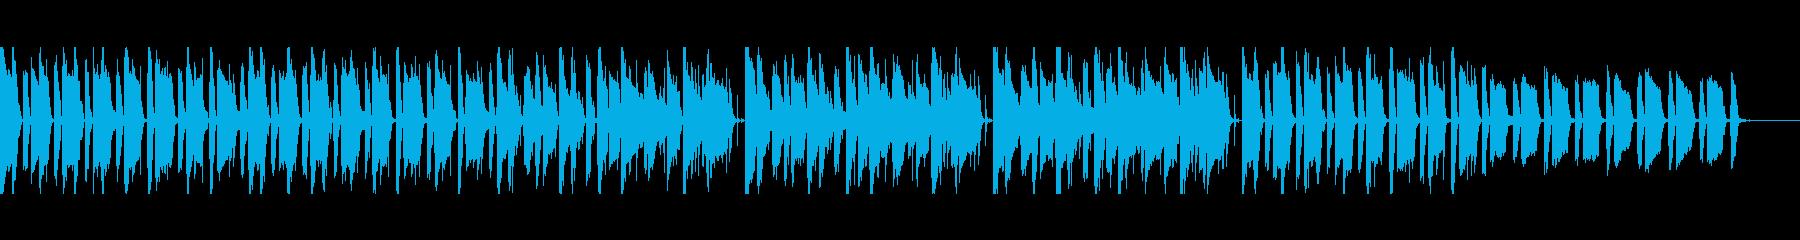 エレピとシンセ スタイリッシュ 映像向けの再生済みの波形